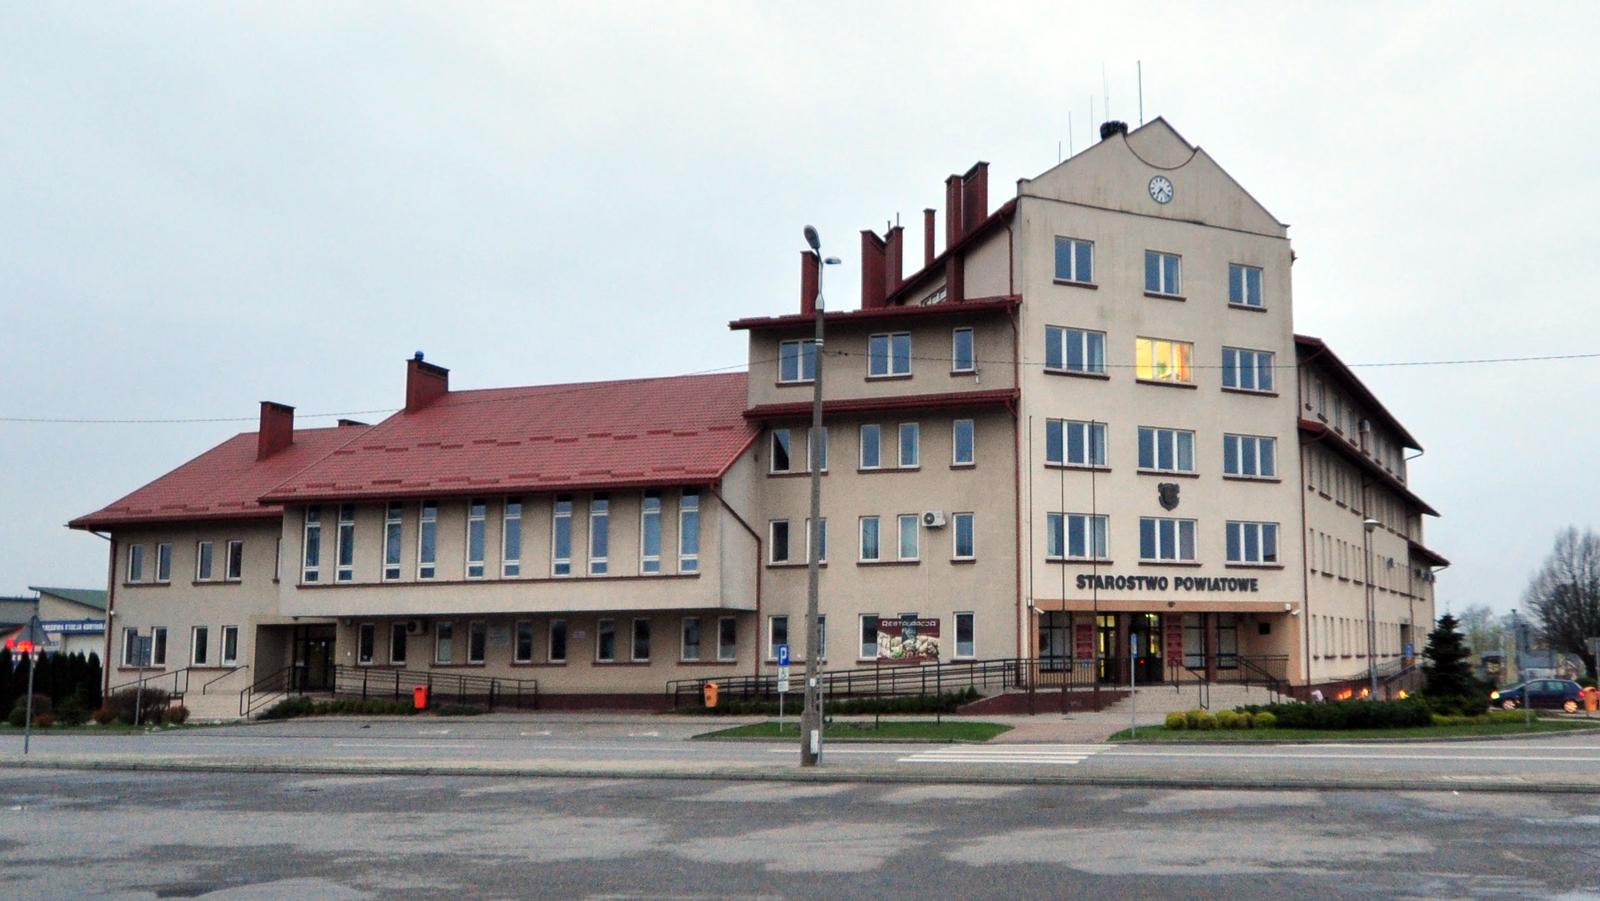 Budynek starostwa jak worek bez dna  - Zdjęcie główne